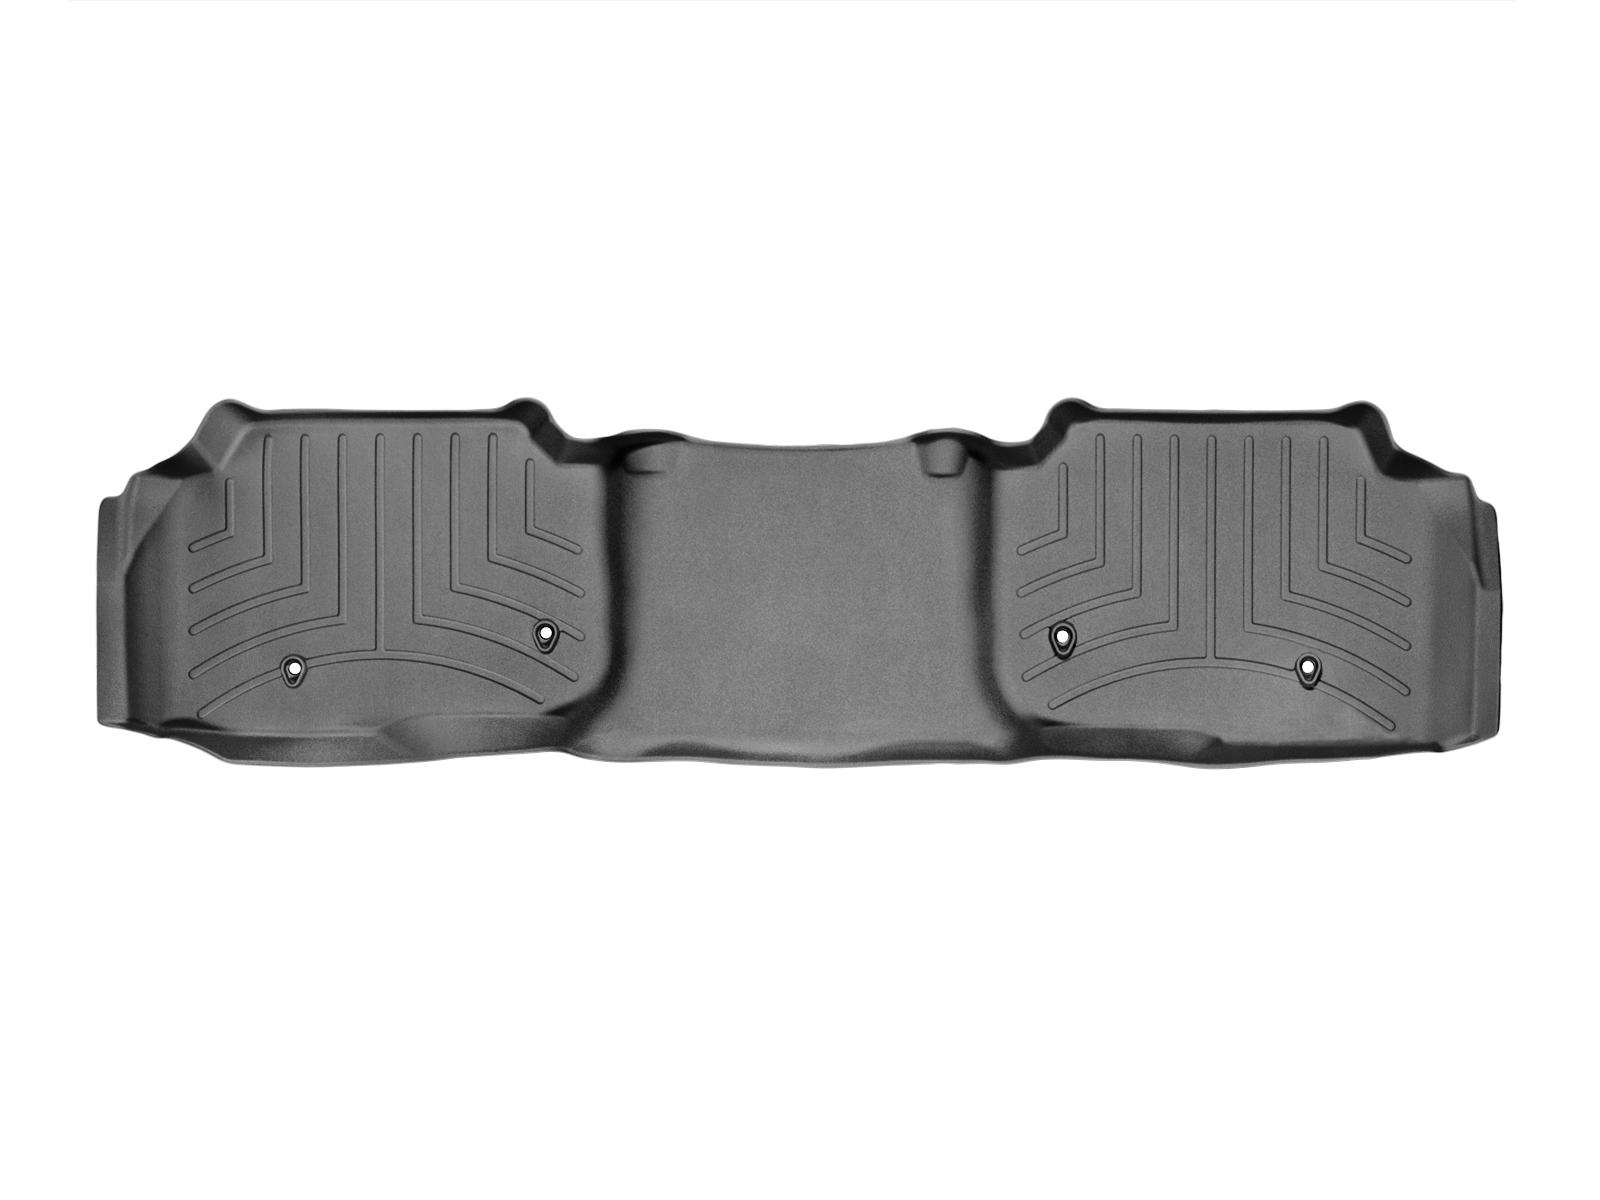 Tappeti gomma su misura bordo alto Land Rover 13>17 Nero A1989*